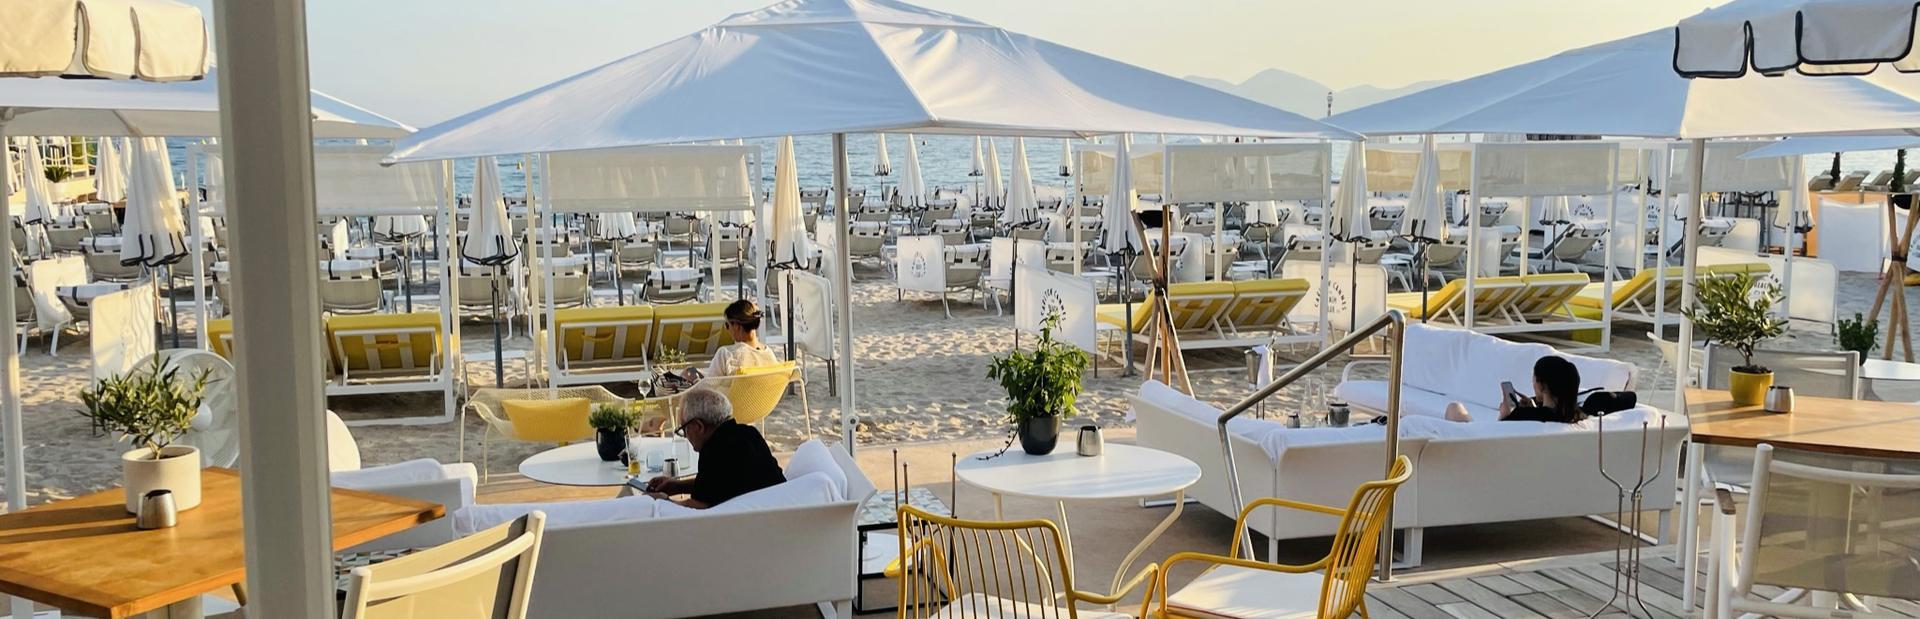 Carlton Beach Club Image 1